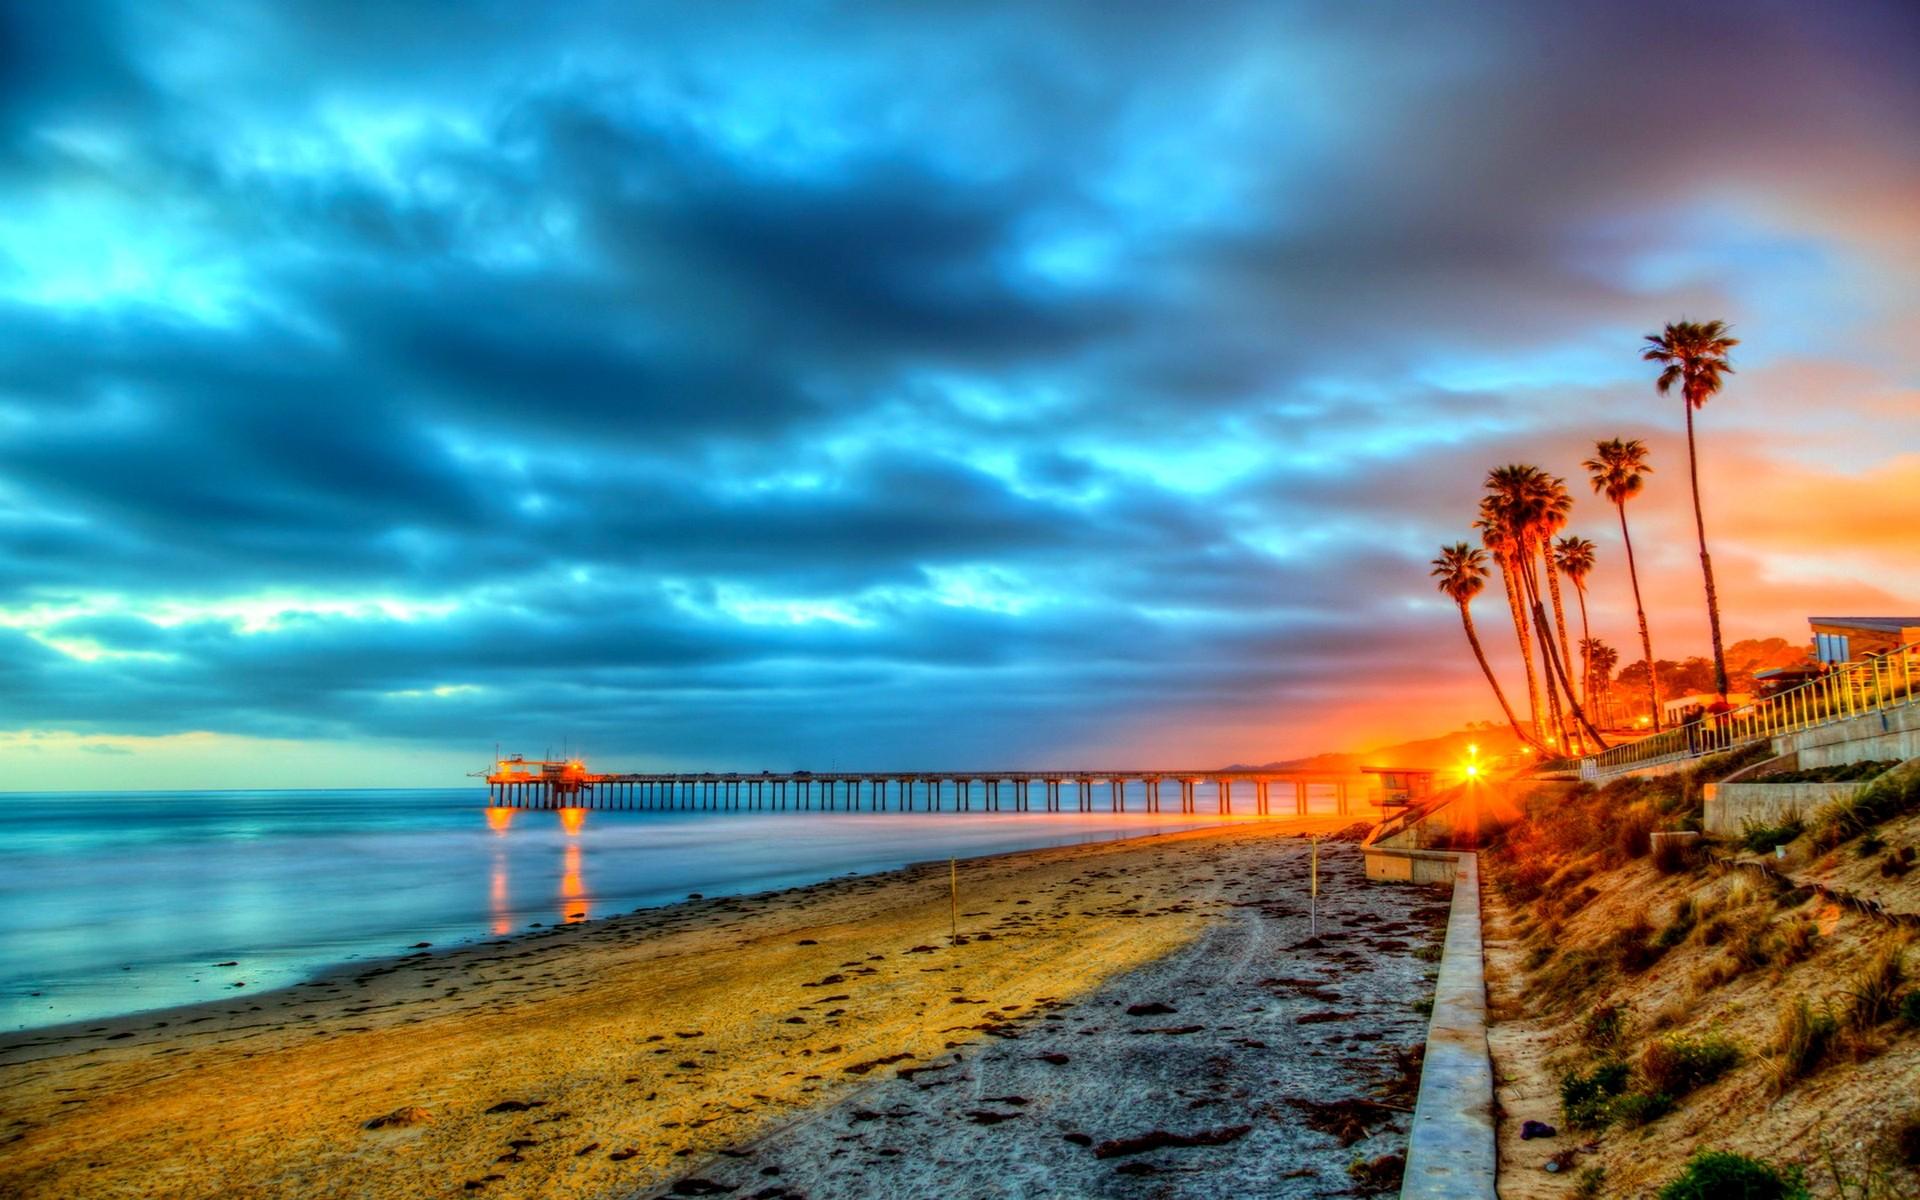 Laguna Beach Wallpapers   Download Free Desktop Wallpaper Images .